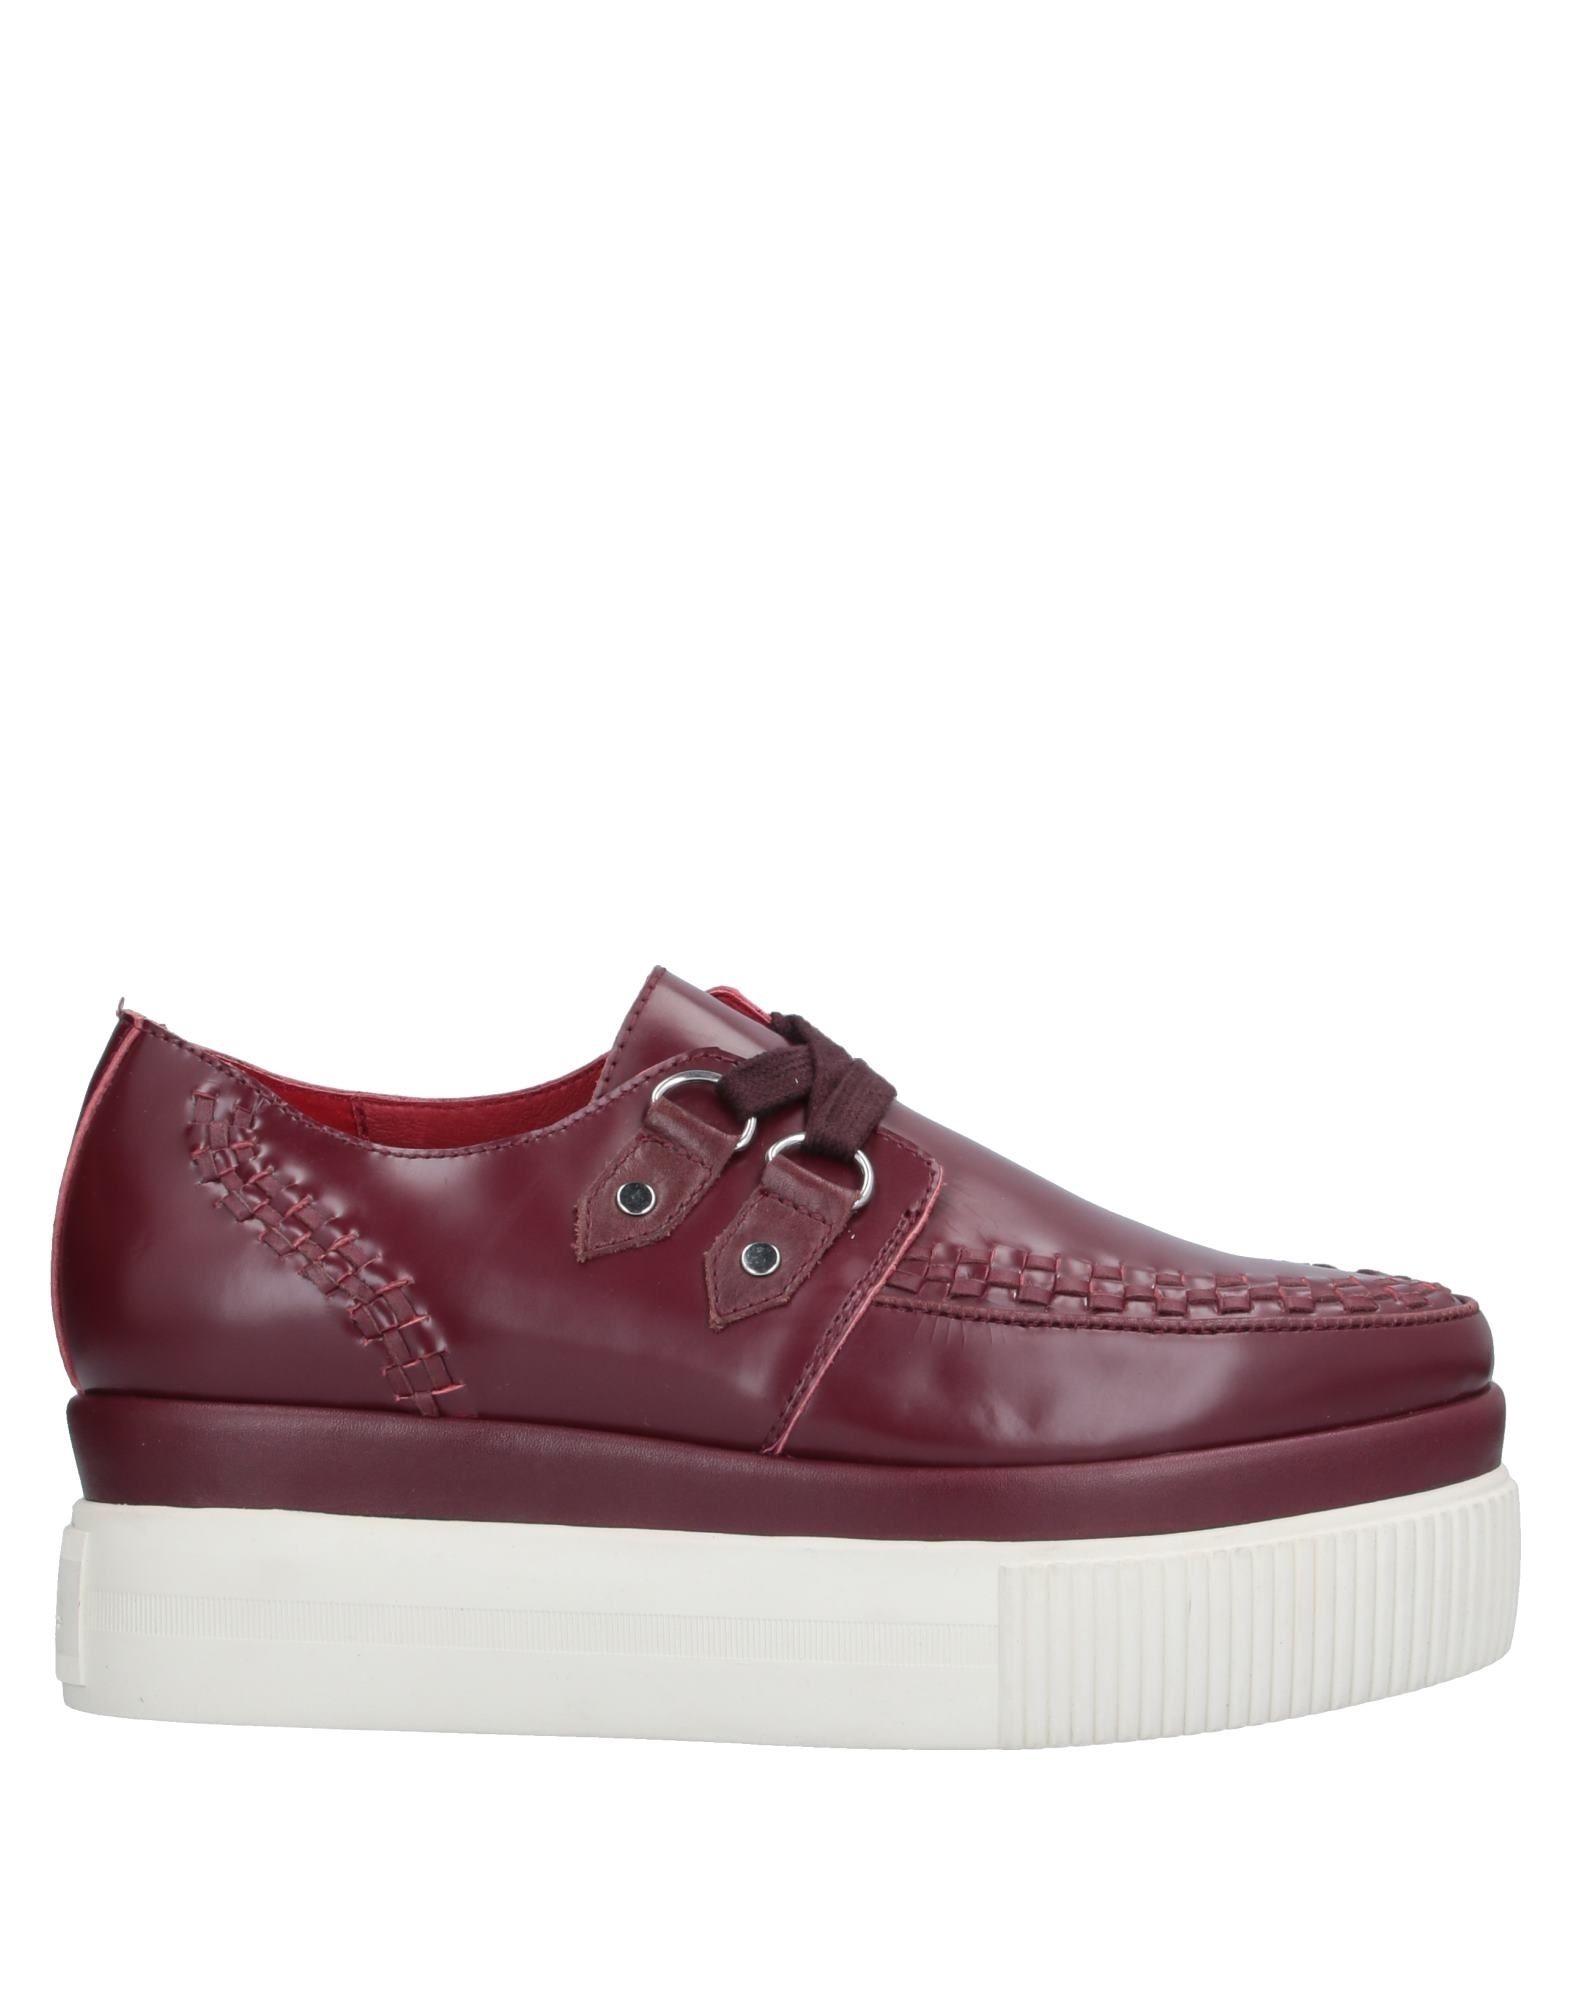 ASH Обувь на шнурках женская обувь ash интернет